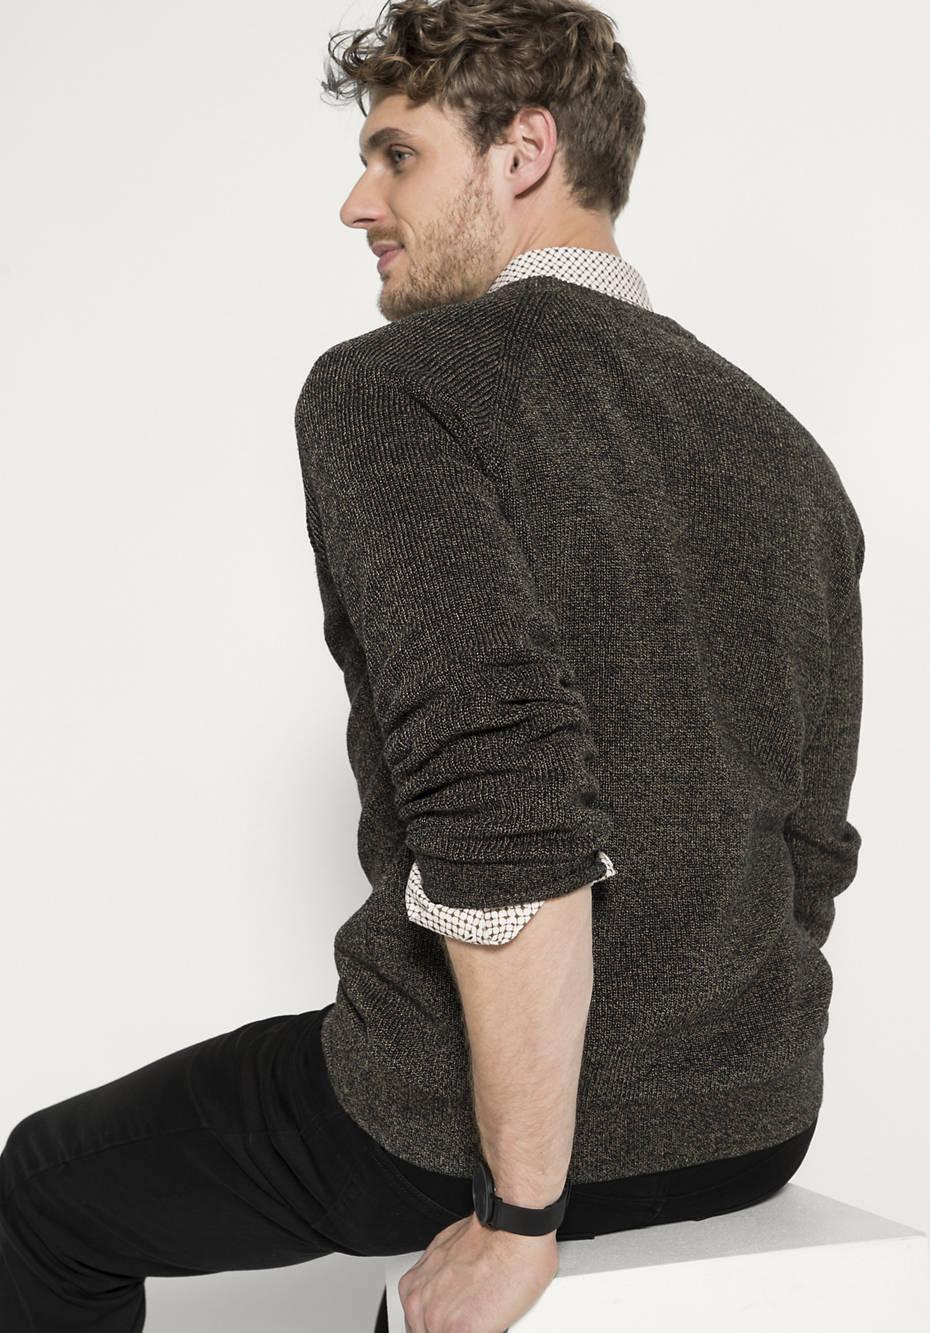 Schöne Pullover und Sweatshirts für Jungen – Entdecke die Auswahl bei KIK! Bei KIK erhältst du in dieser Rubrik coole Pullover und Sweatshirts für coole Jungs ab etwa 7 Jahren.